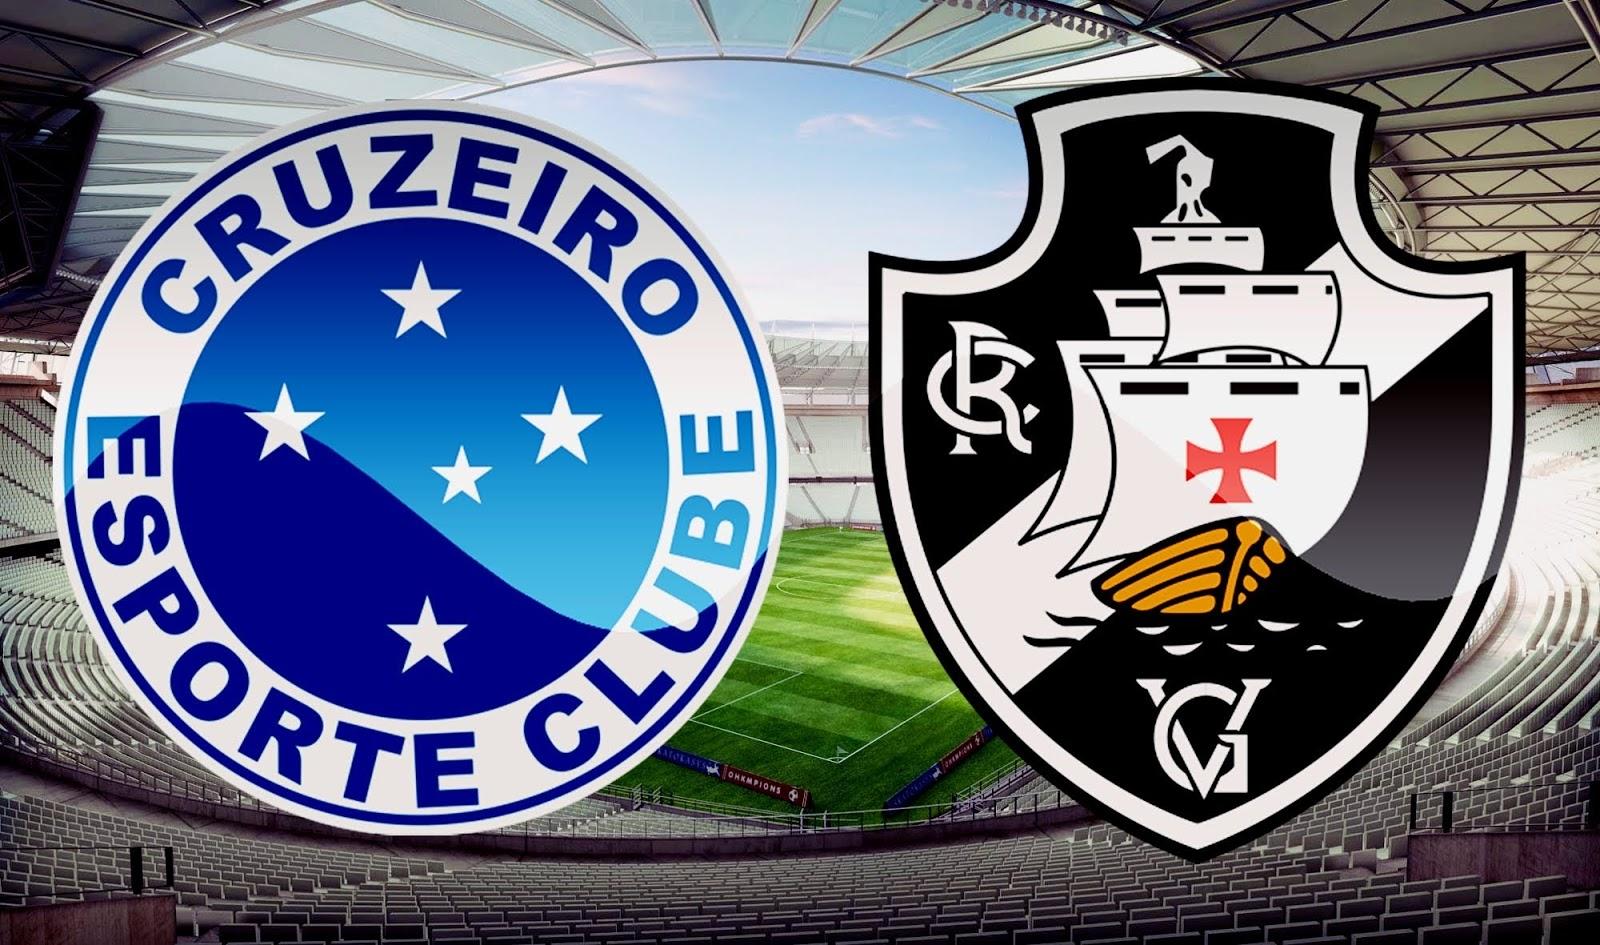 Assistir Cruzeiro x Vasco 01/09/2019